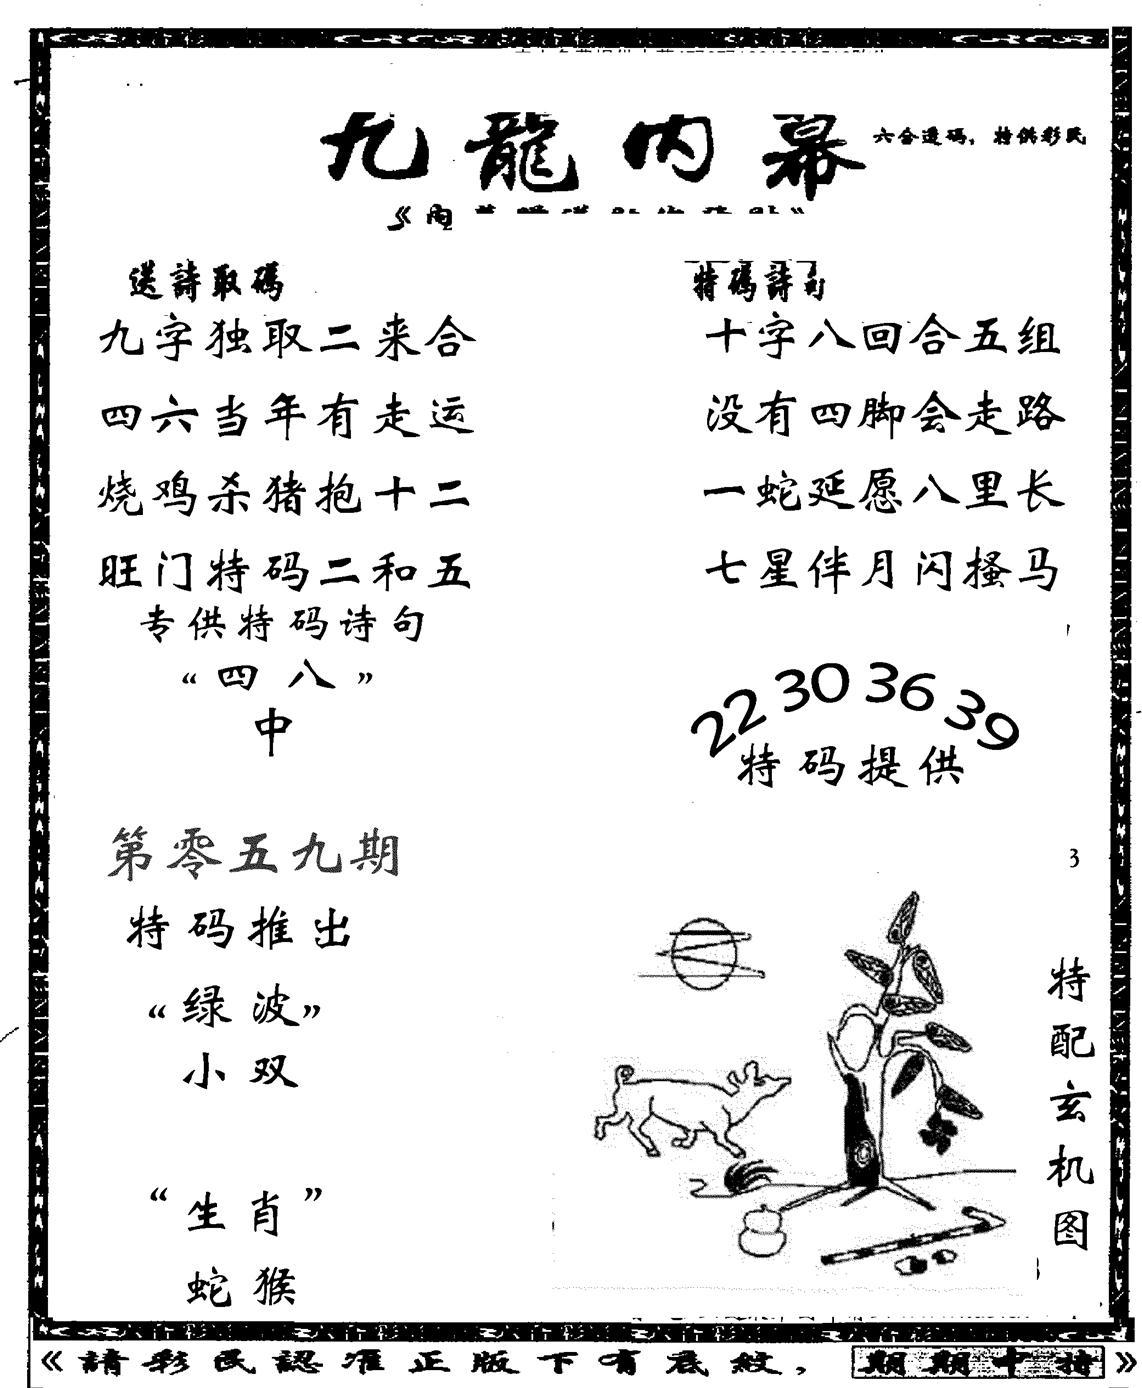 059期老九龙内幕(黑白)